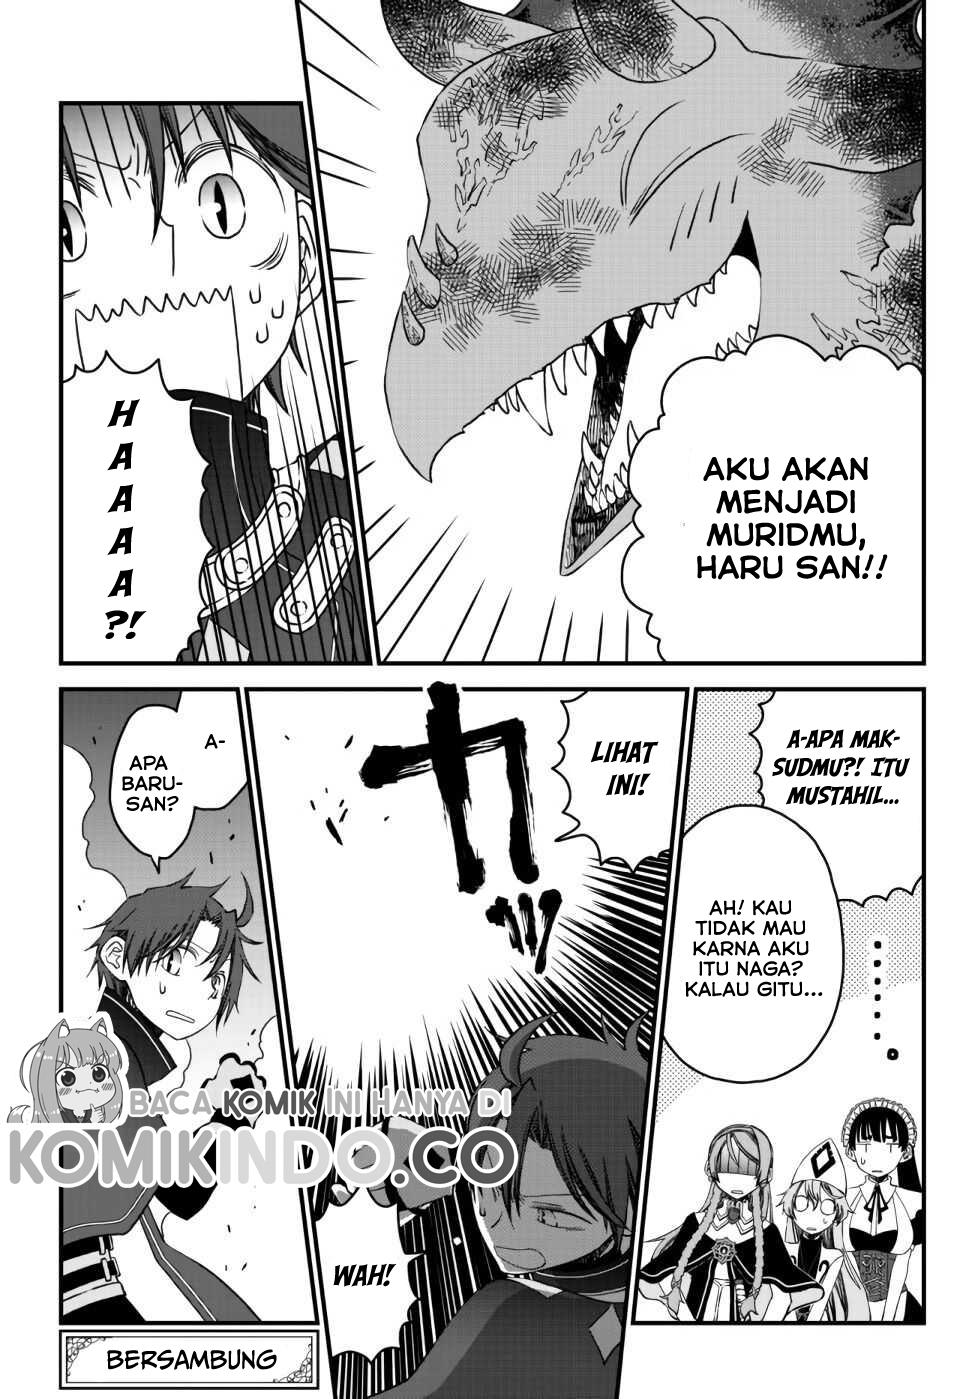 Tsuihou No Kenja, Sekai Wo Shiru Osanajimi Yuusha No Atsuryoku Kara Nigete Jiyuu Ni Natta Ore Chapter 8